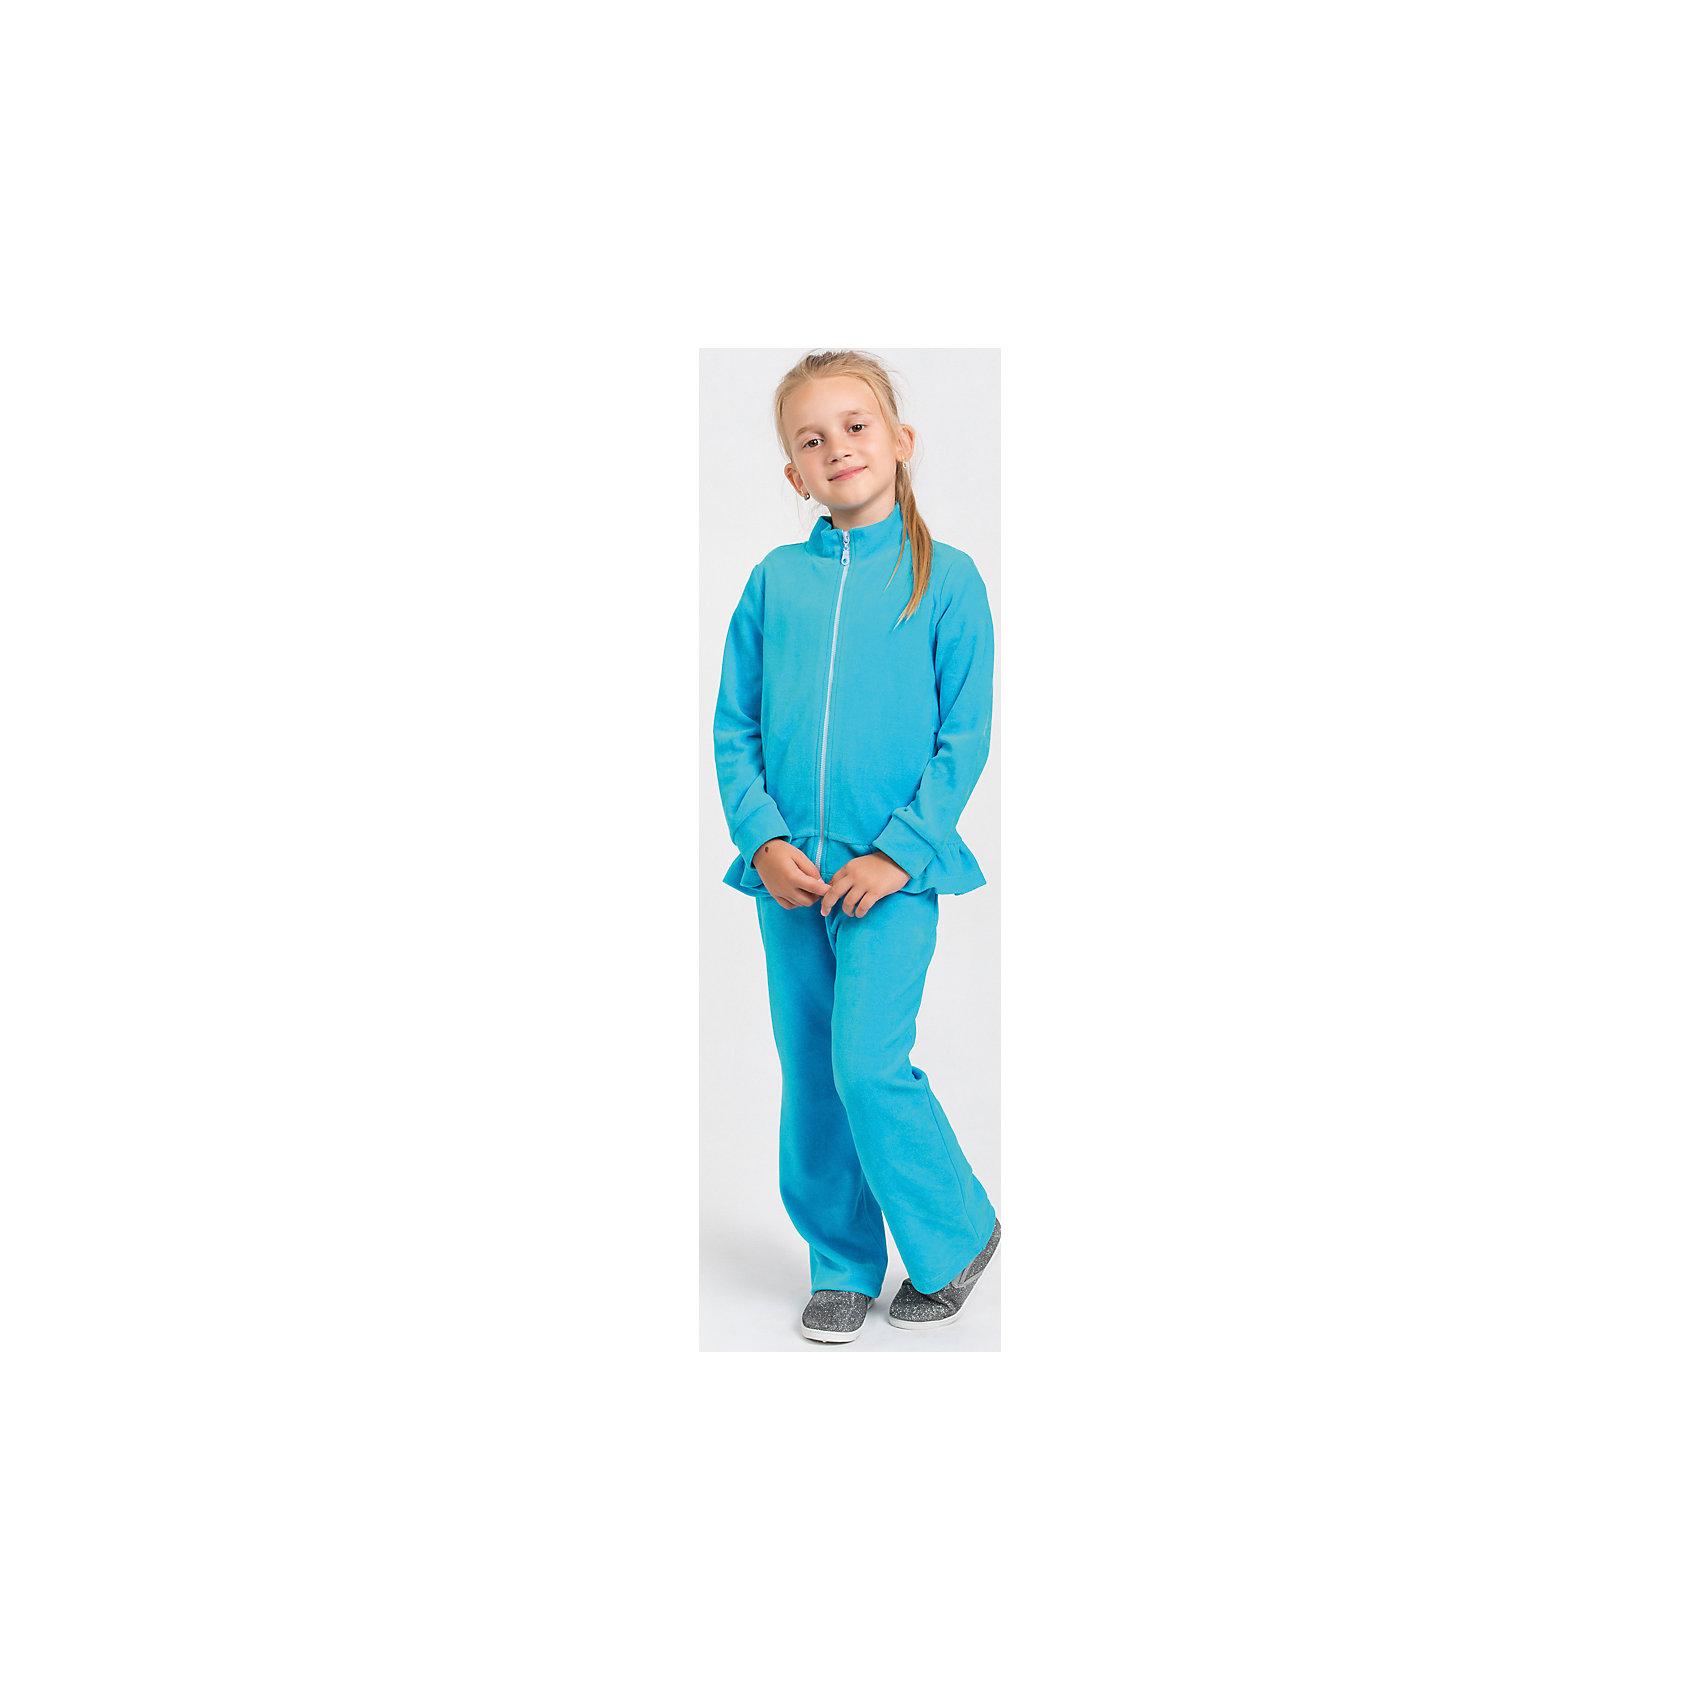 Спортивный костюм для девочки GoldyКомплекты<br>Спортивный костюм для девочки от белорусской марки Goldy. Костюм состоит из толстовки на молнии с капюшоном и брюк прямого кроя. Велюр.<br>Состав:<br>велюр (80% хлопок, 20% пэ)<br><br>Ширина мм: 247<br>Глубина мм: 16<br>Высота мм: 140<br>Вес г: 225<br>Цвет: голубой<br>Возраст от месяцев: 24<br>Возраст до месяцев: 36<br>Пол: Женский<br>Возраст: Детский<br>Размер: 98,104,110,116,122,92<br>SKU: 4921236